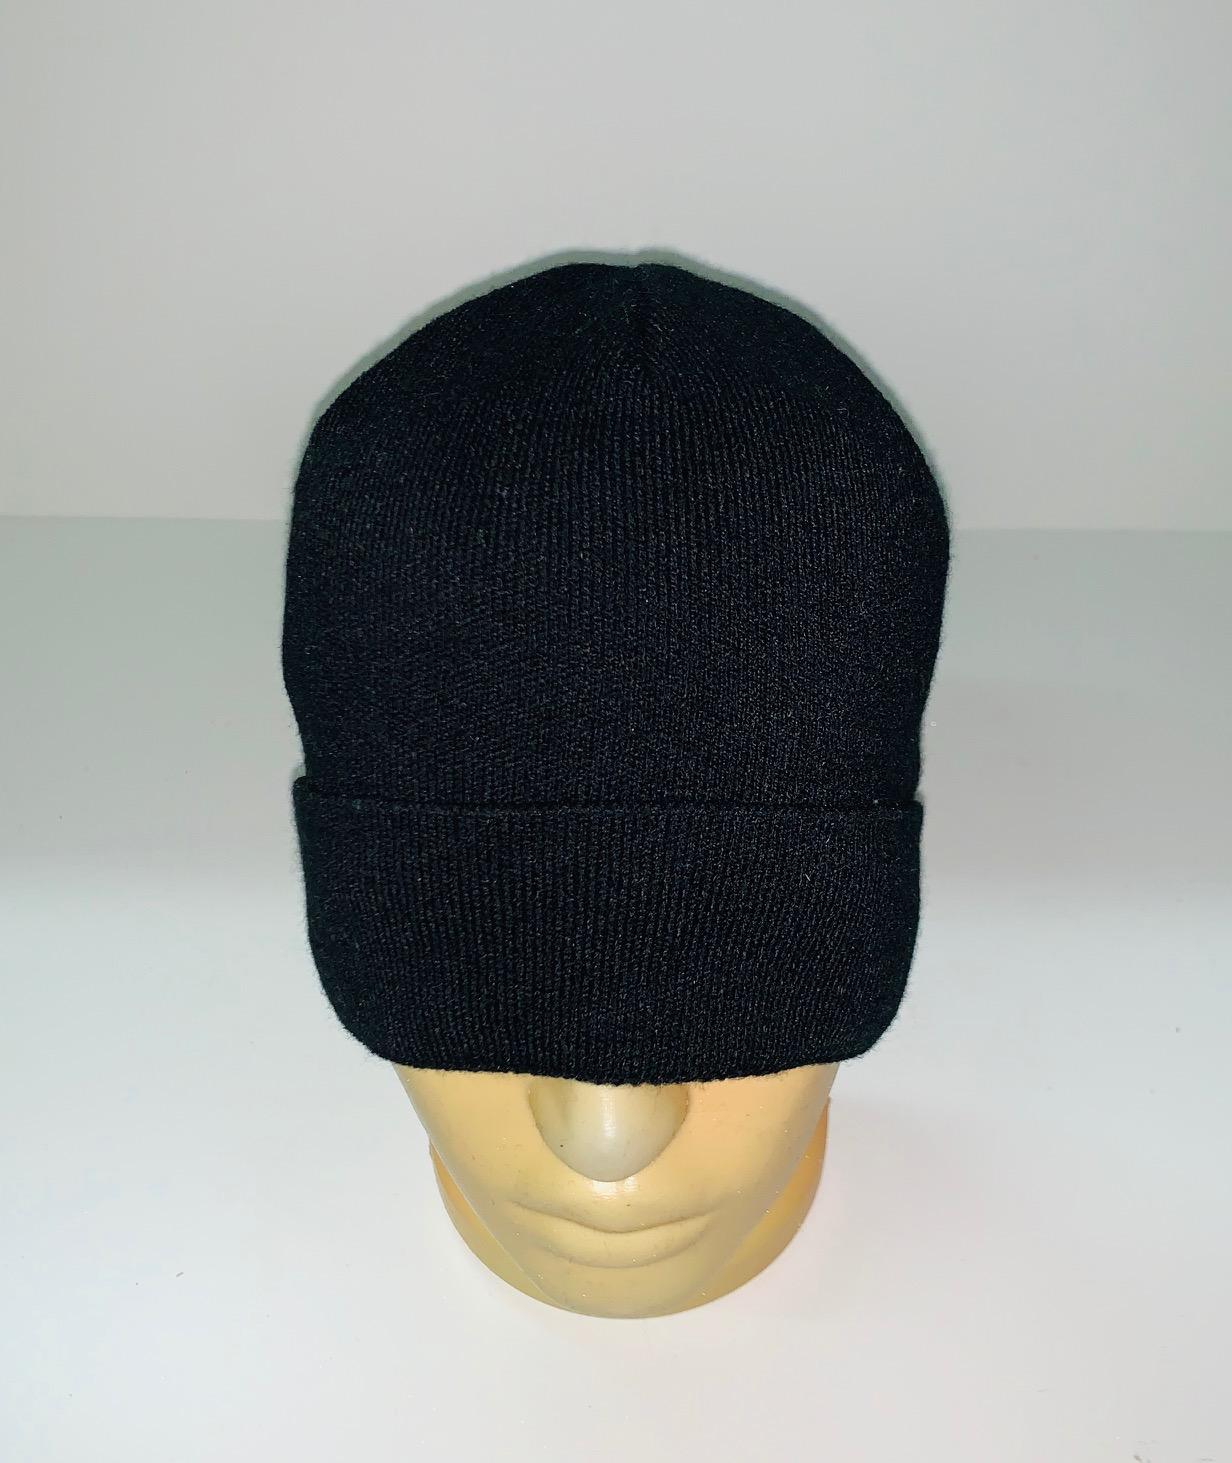 Модная угольно-черная шапка